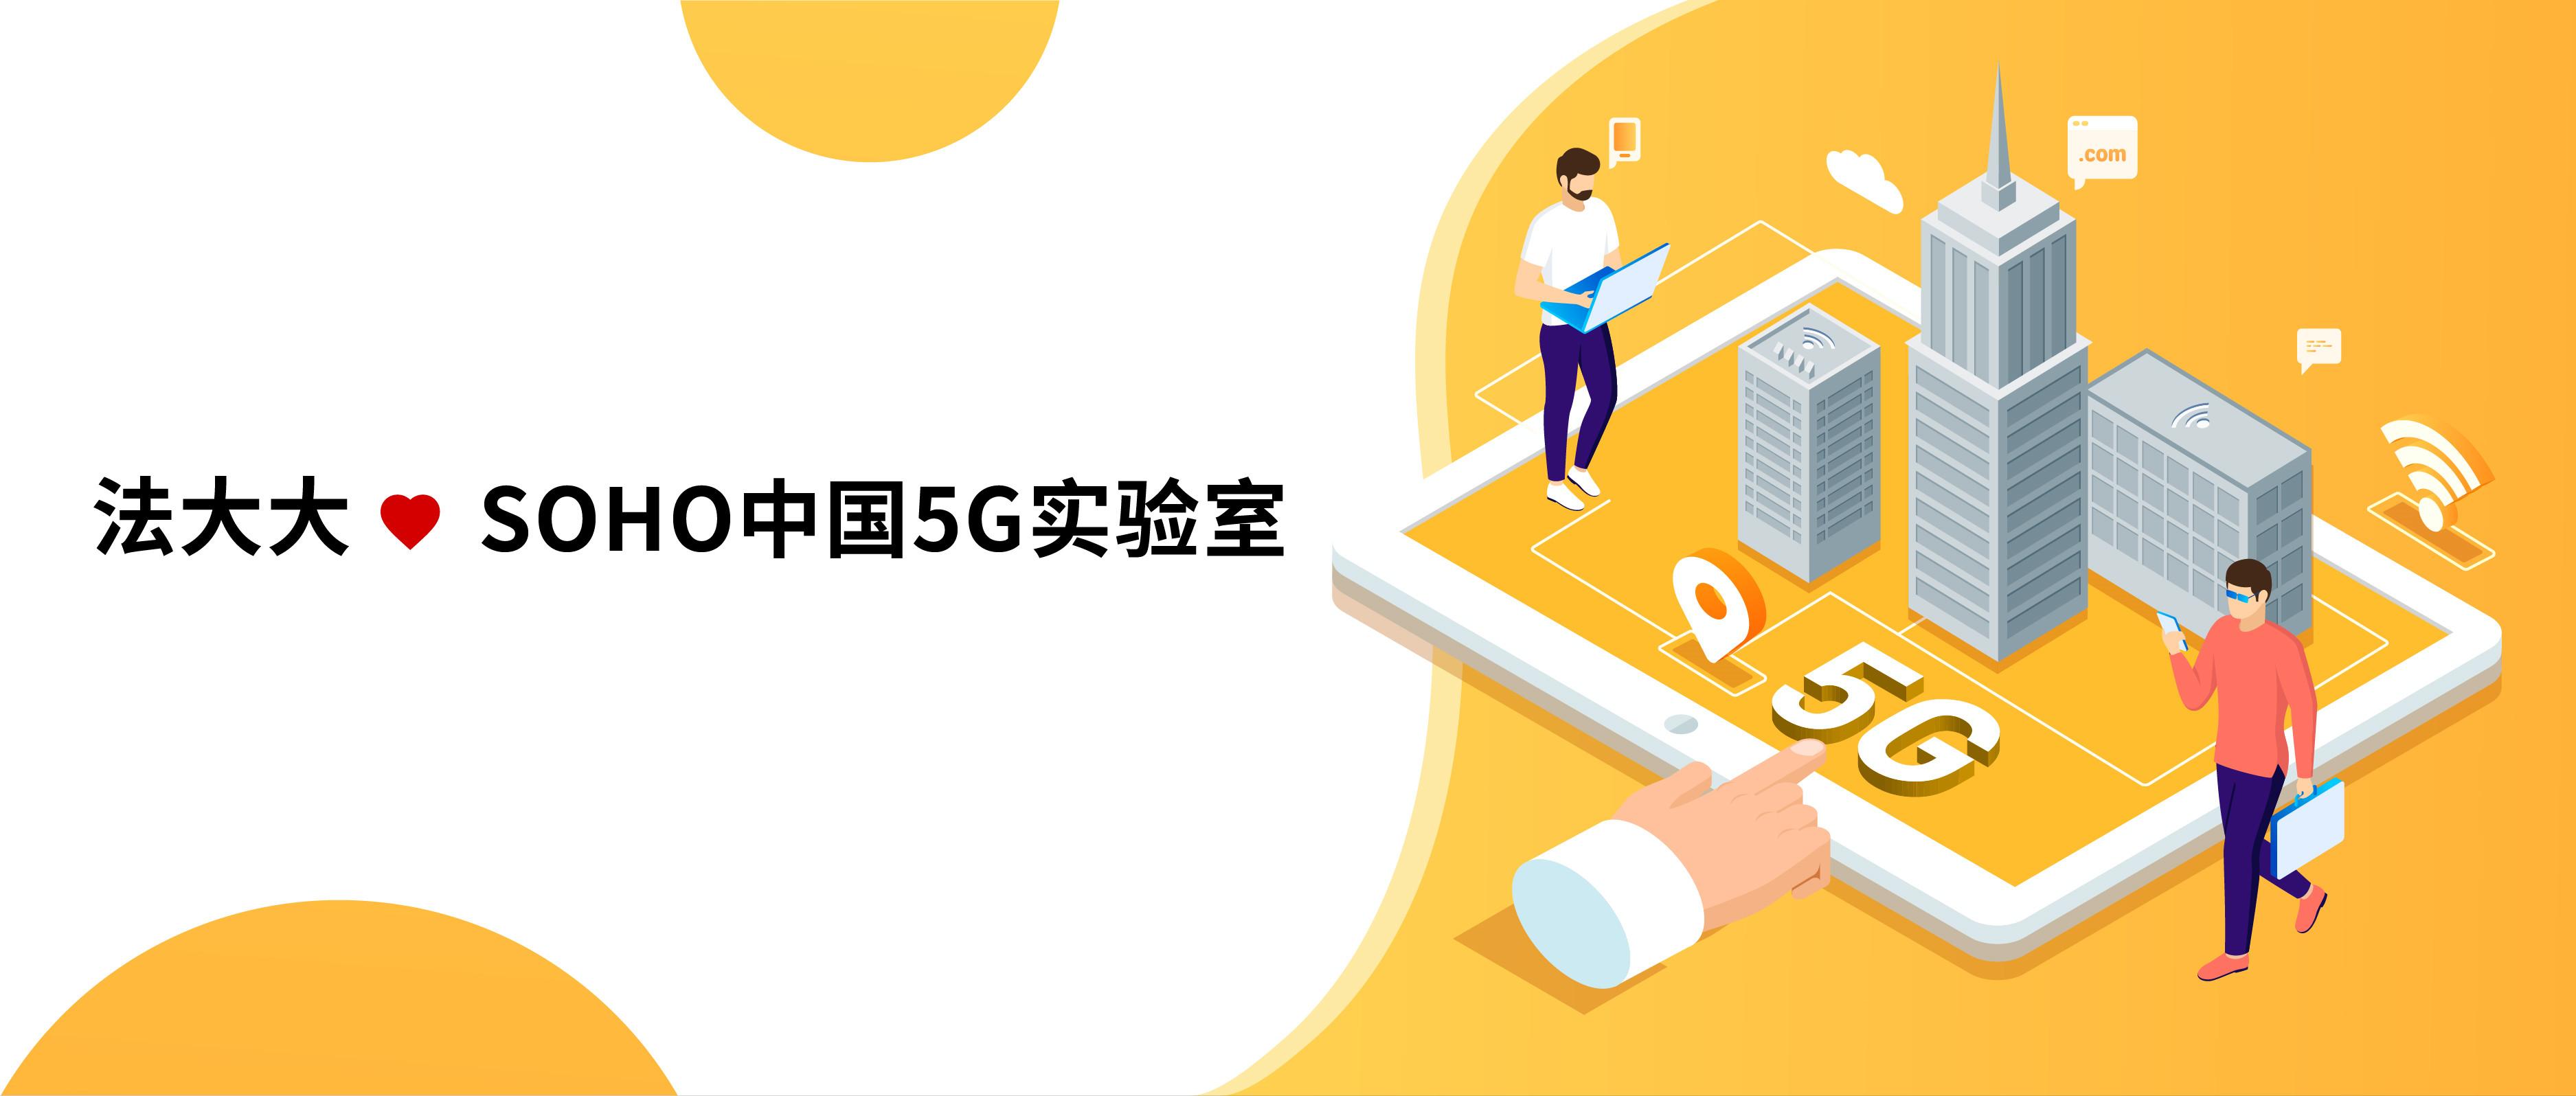 法大大入驻SOHO中国5G实验室,潘石屹亲临!